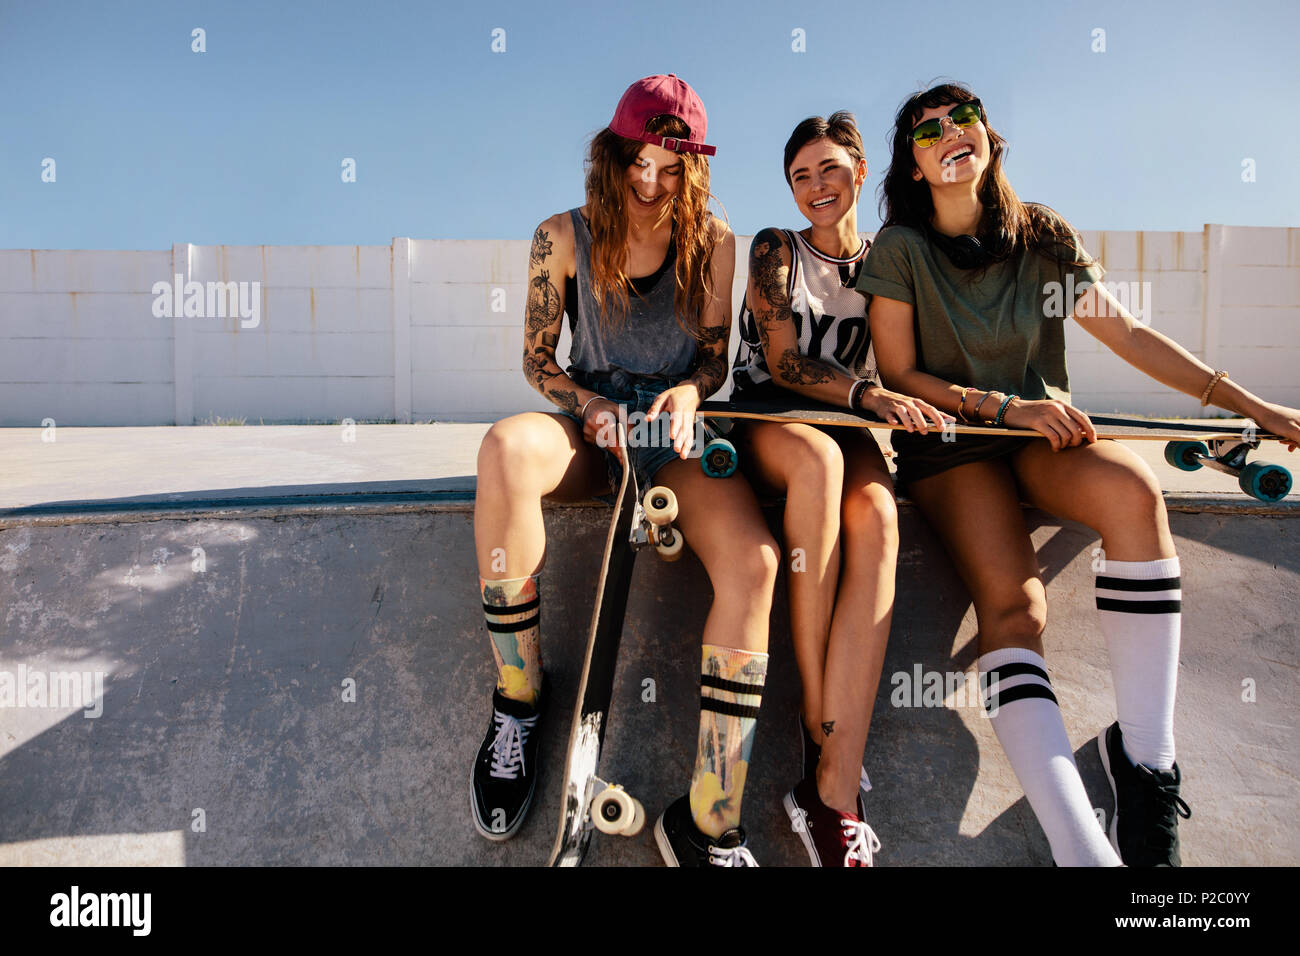 Feliz grupo de mujeres sentadas en la rampa en el parque de skate y  sonriente. a4a6b4e3311